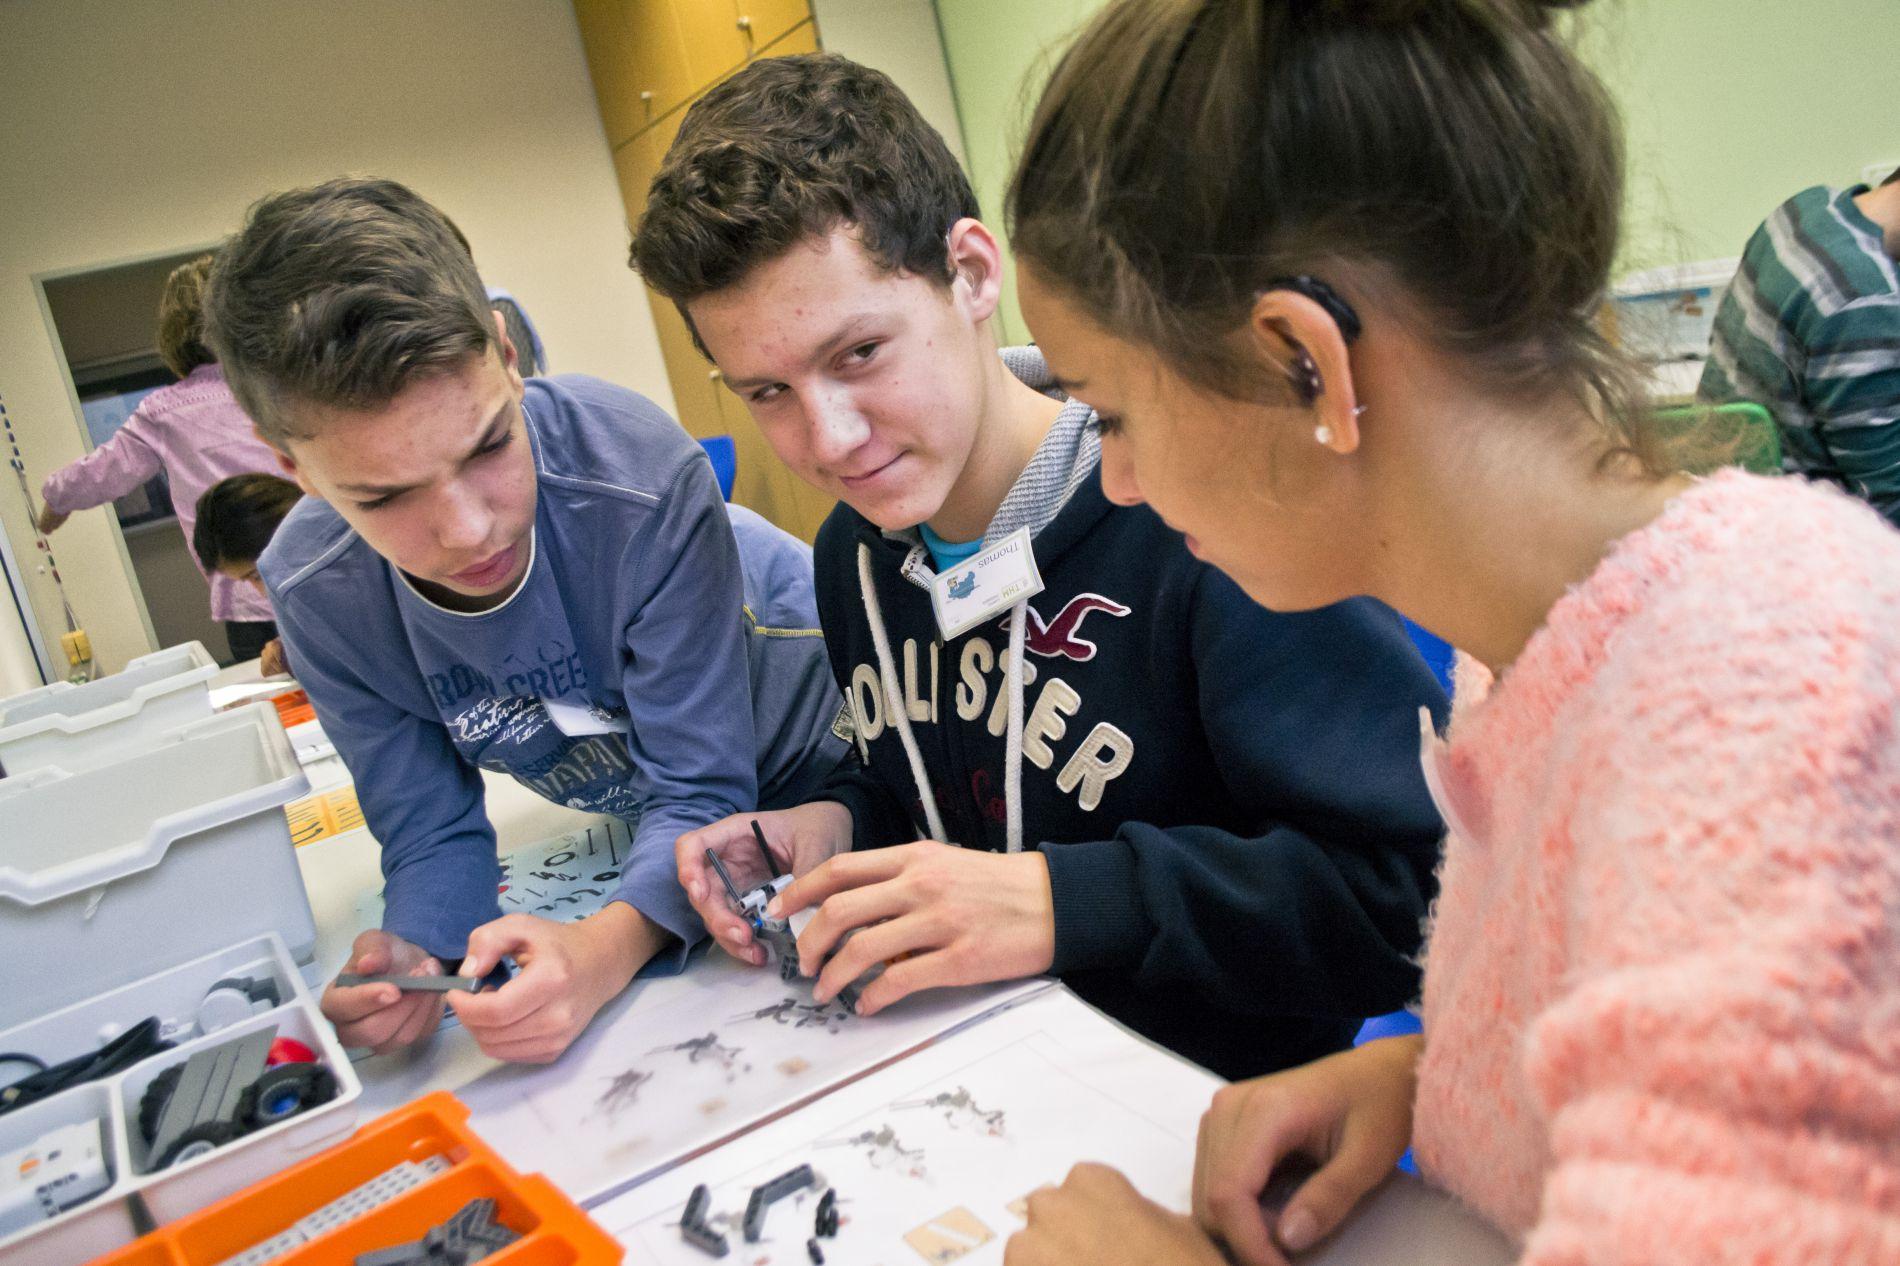 Julian, Thomas und Alessandra bauen ihren ersten Roboter, einen Grashüpfer.